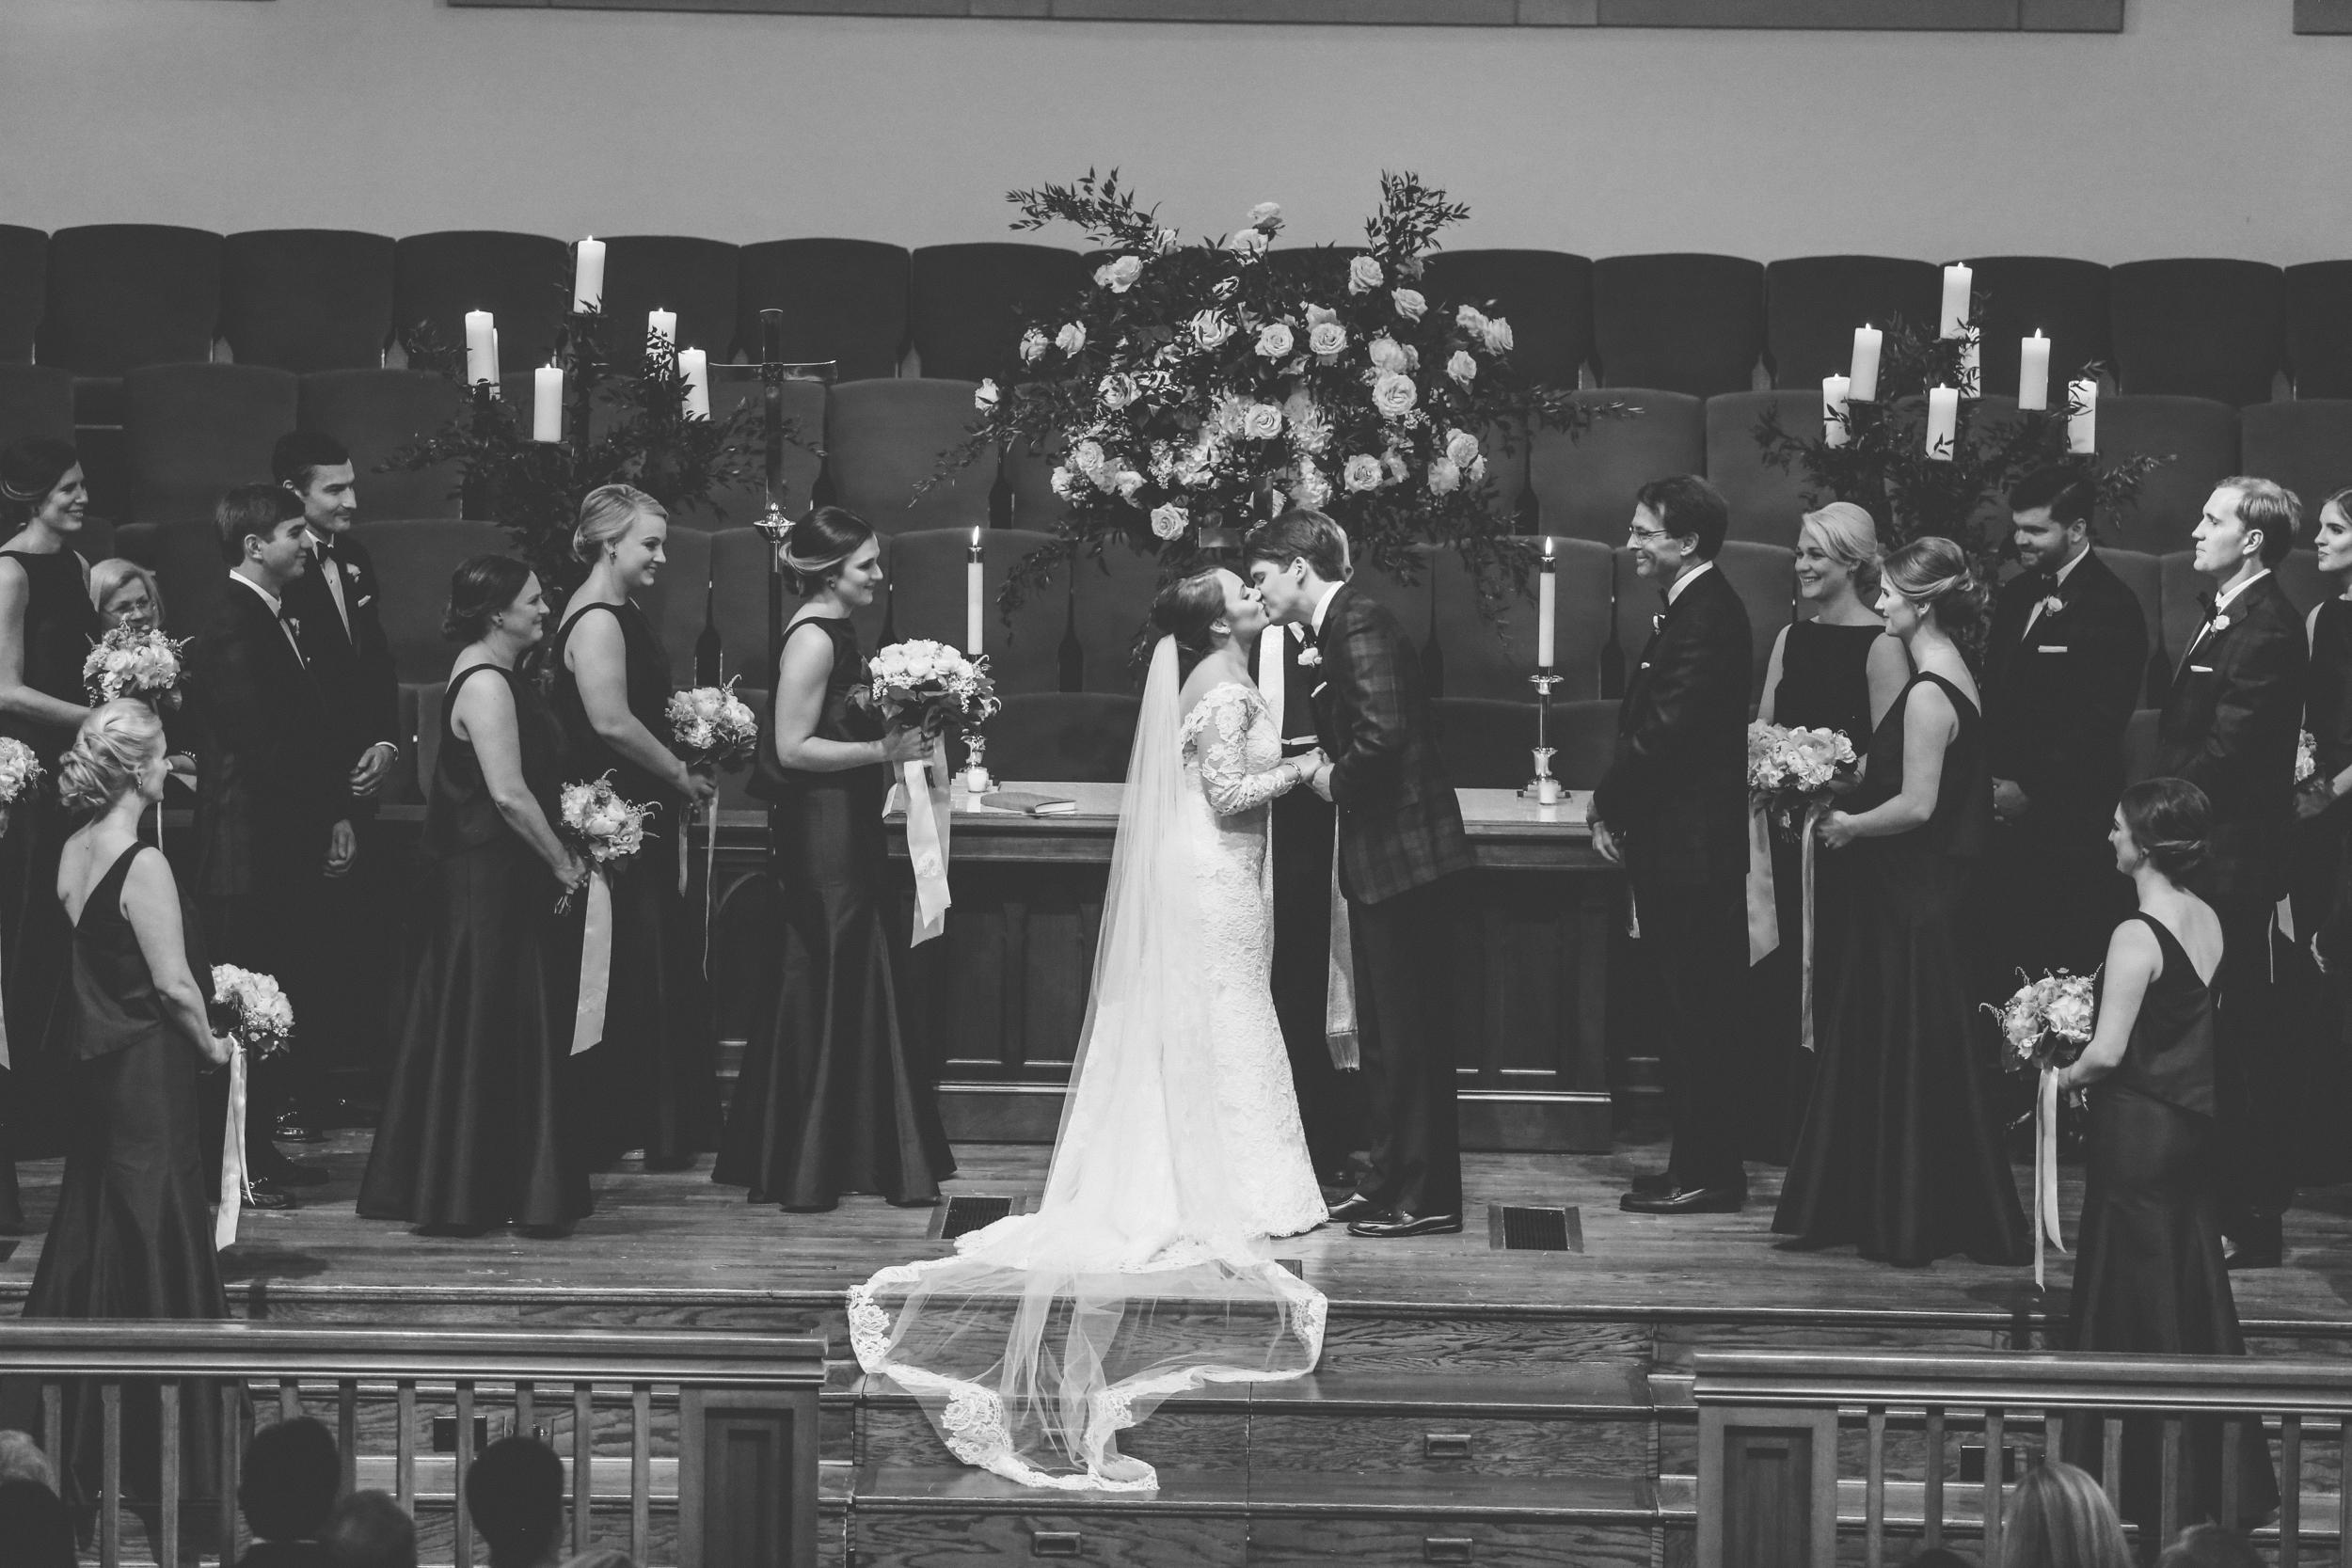 Kuhlke_wedding-575.jpg